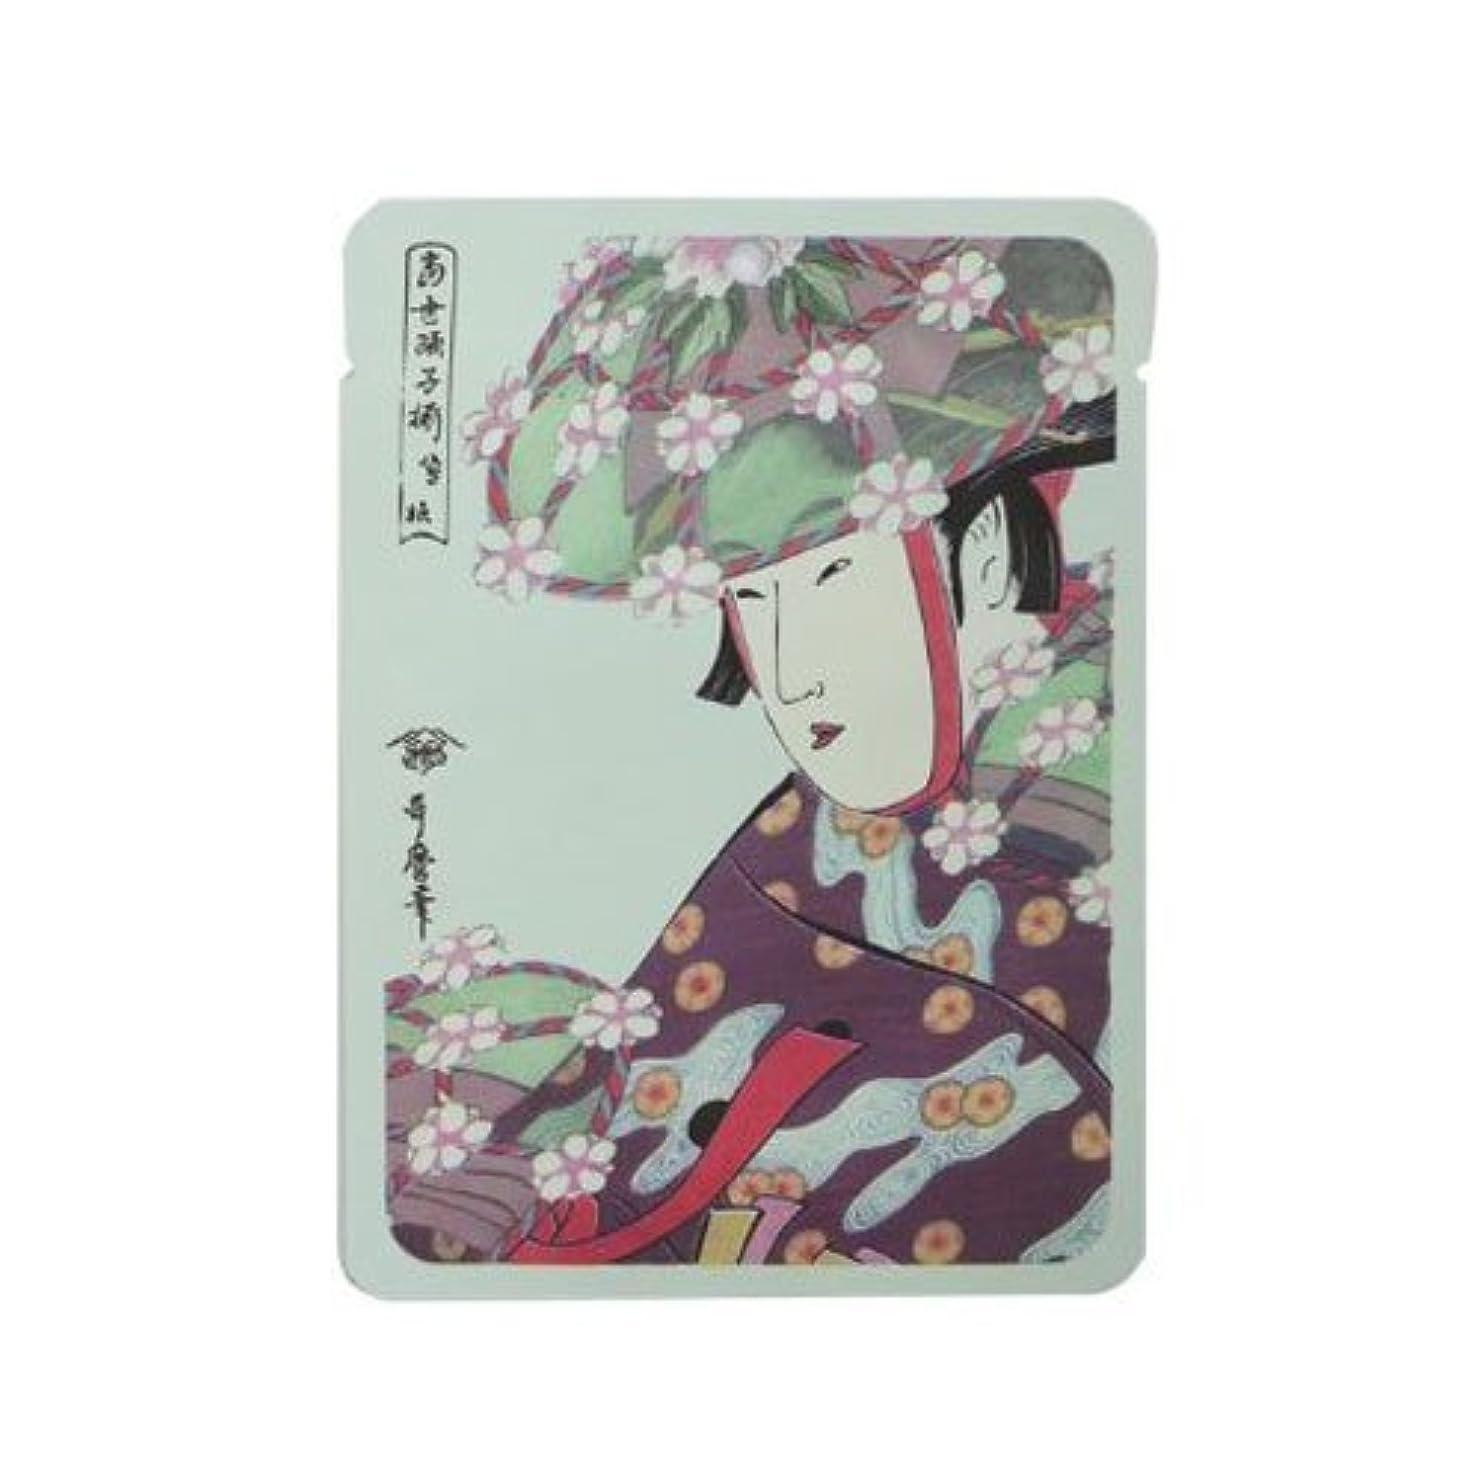 関係ないライン層美友 エッセンスマスク アロエ+桜 1枚入 4582419531031